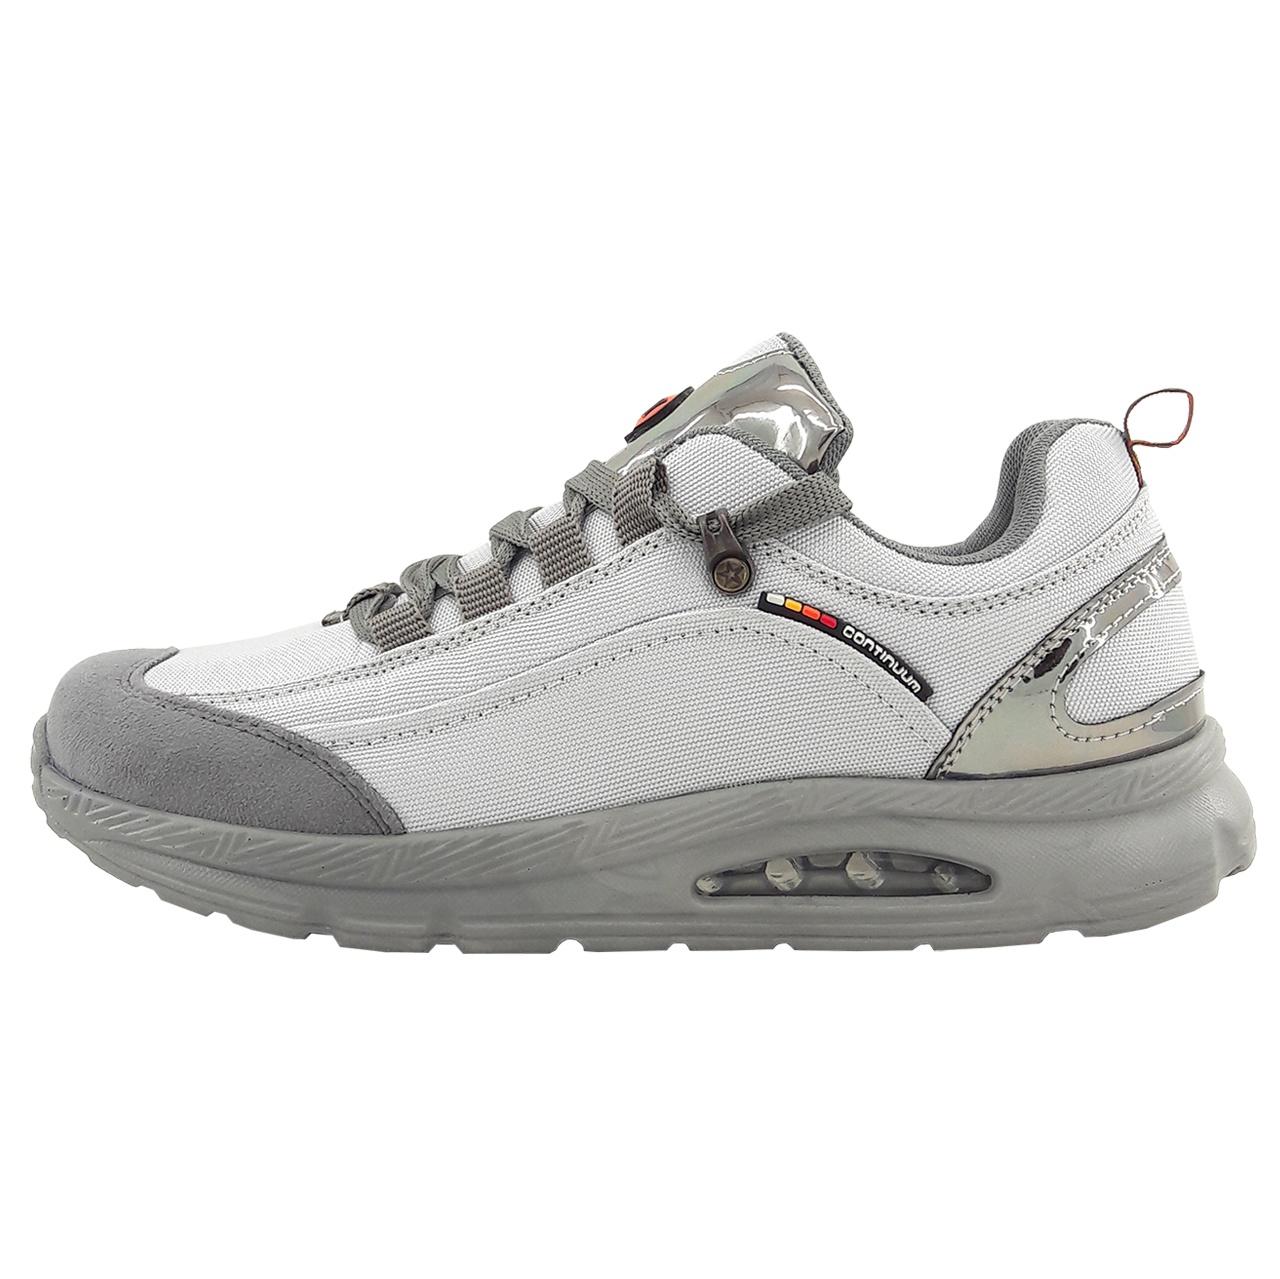 کفش مخصوص پیاده روی زنانه مدل Cntinum tk.gr-01